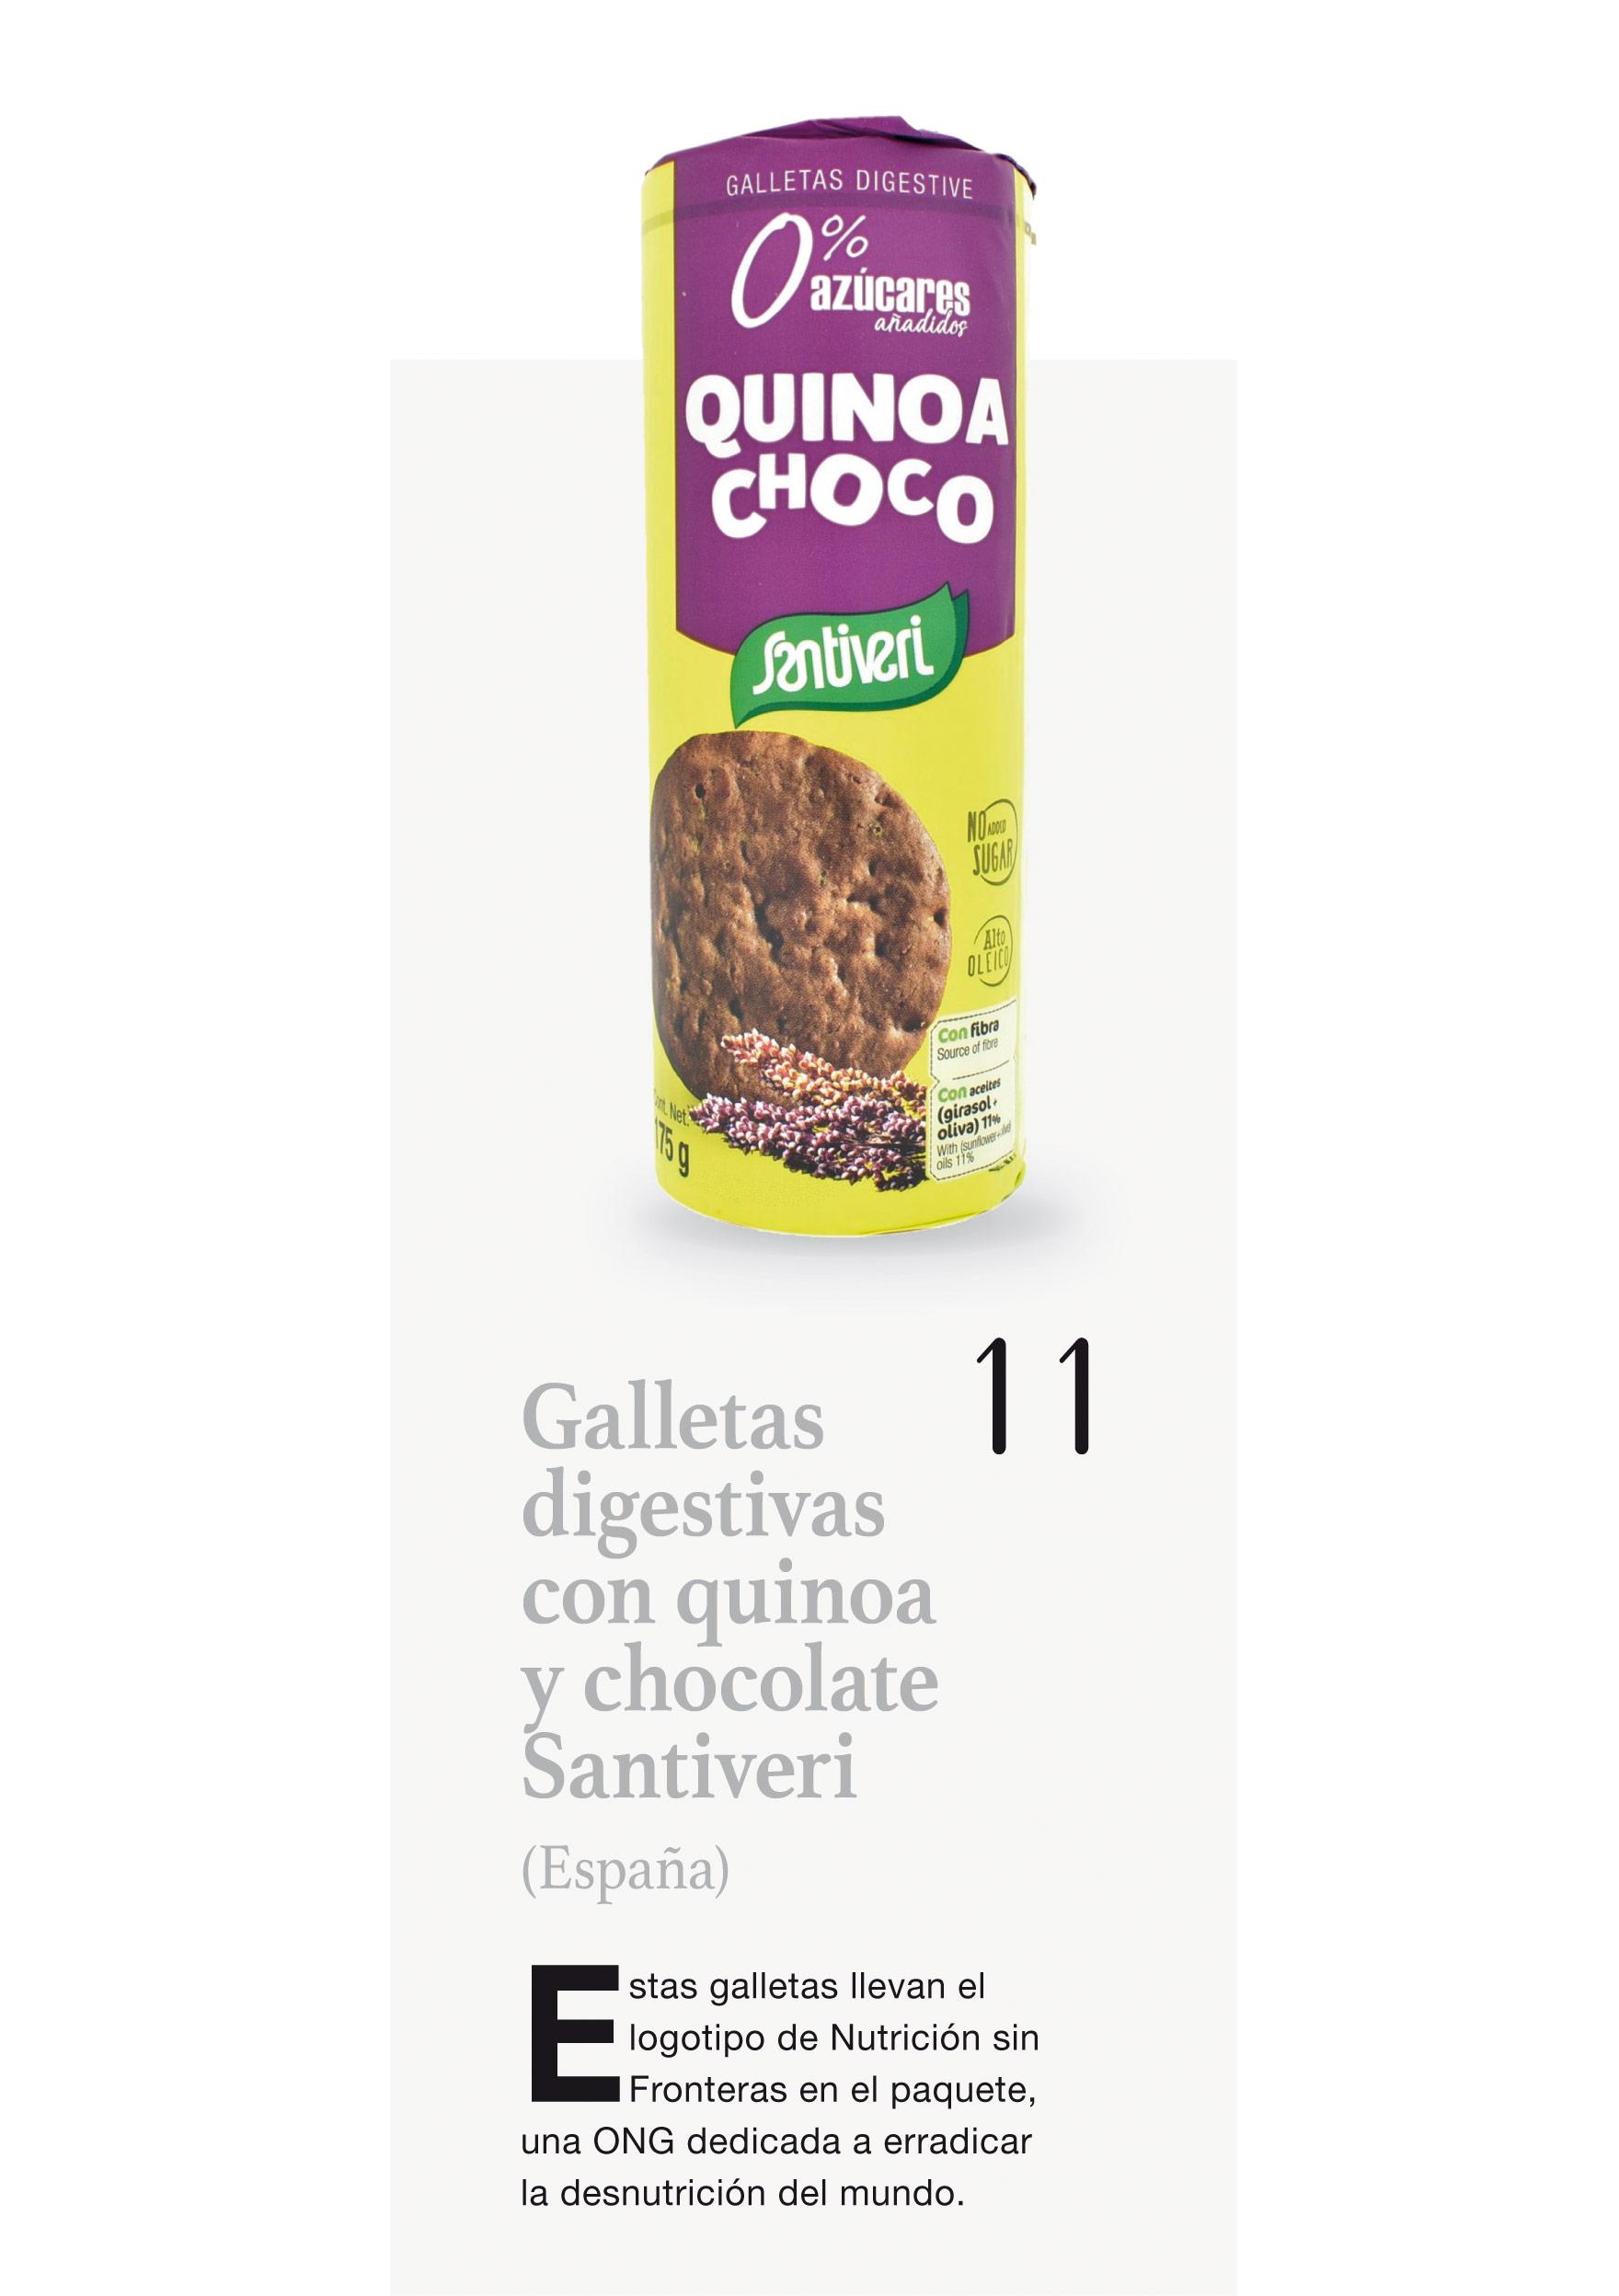 Galletas digestivas con quinoa y chocolate Santiveri